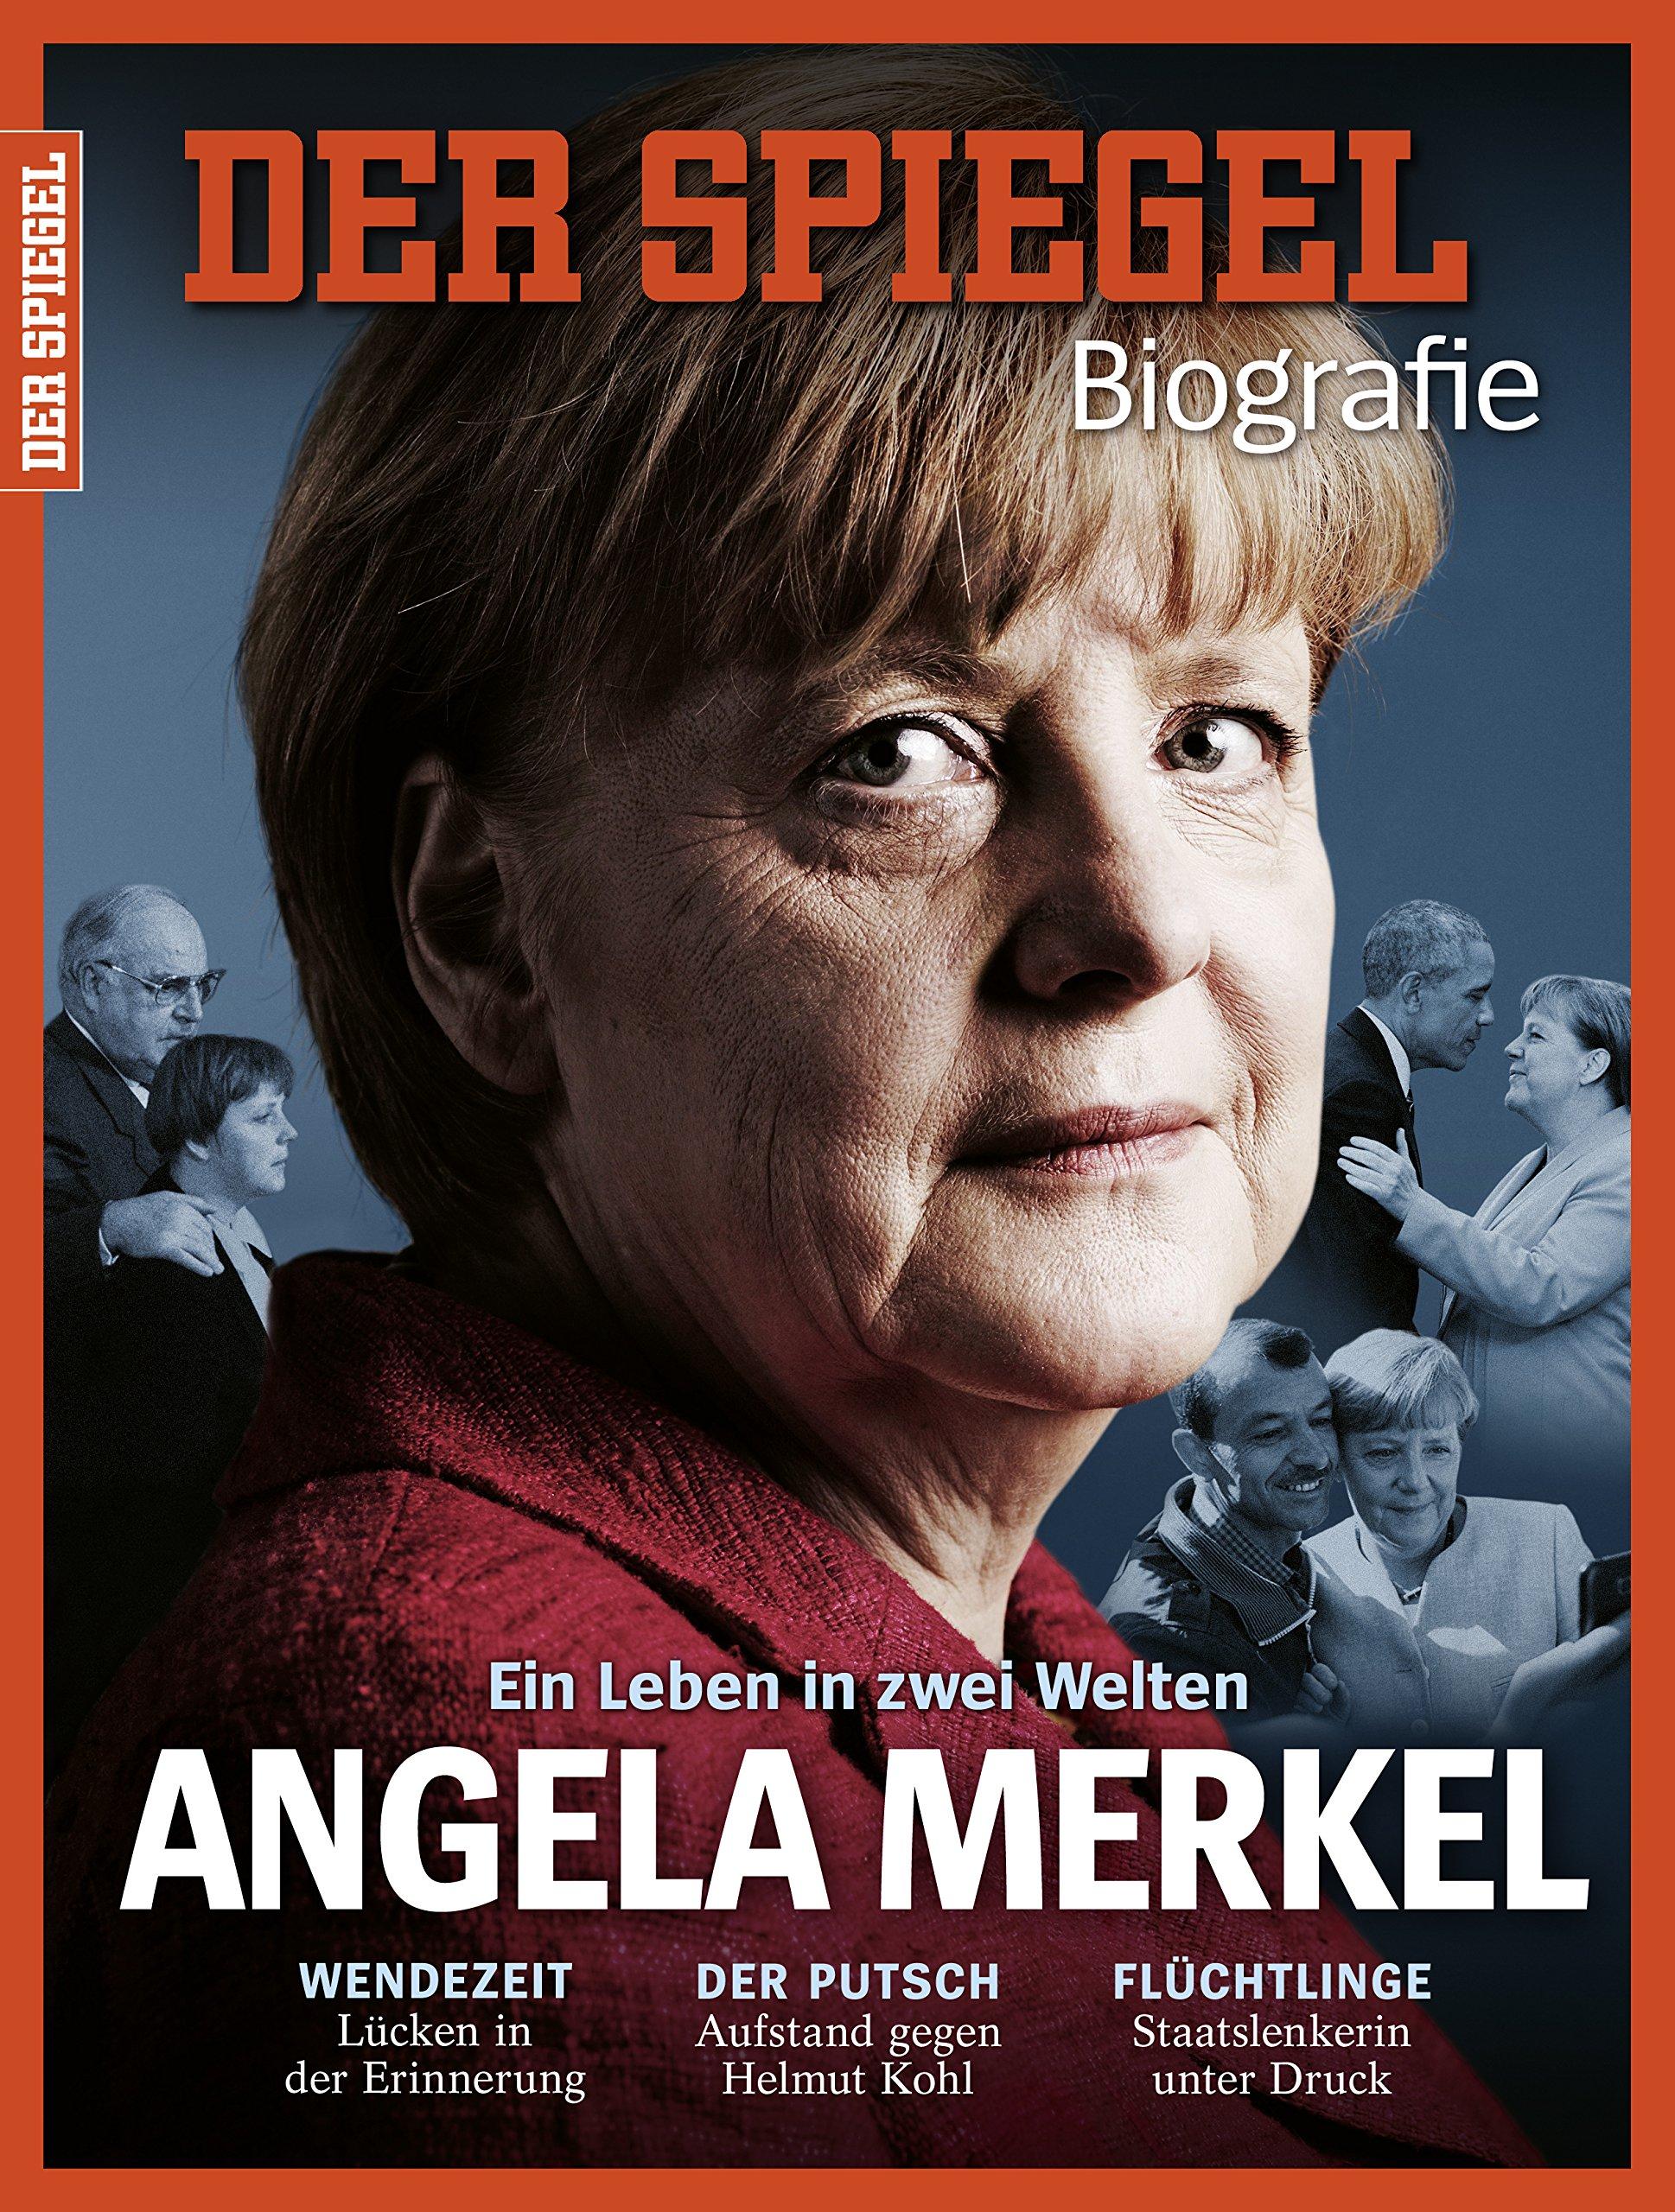 SPIEGEL Biografie 2 2017 Angela Merkel Amazon Redaktion DER